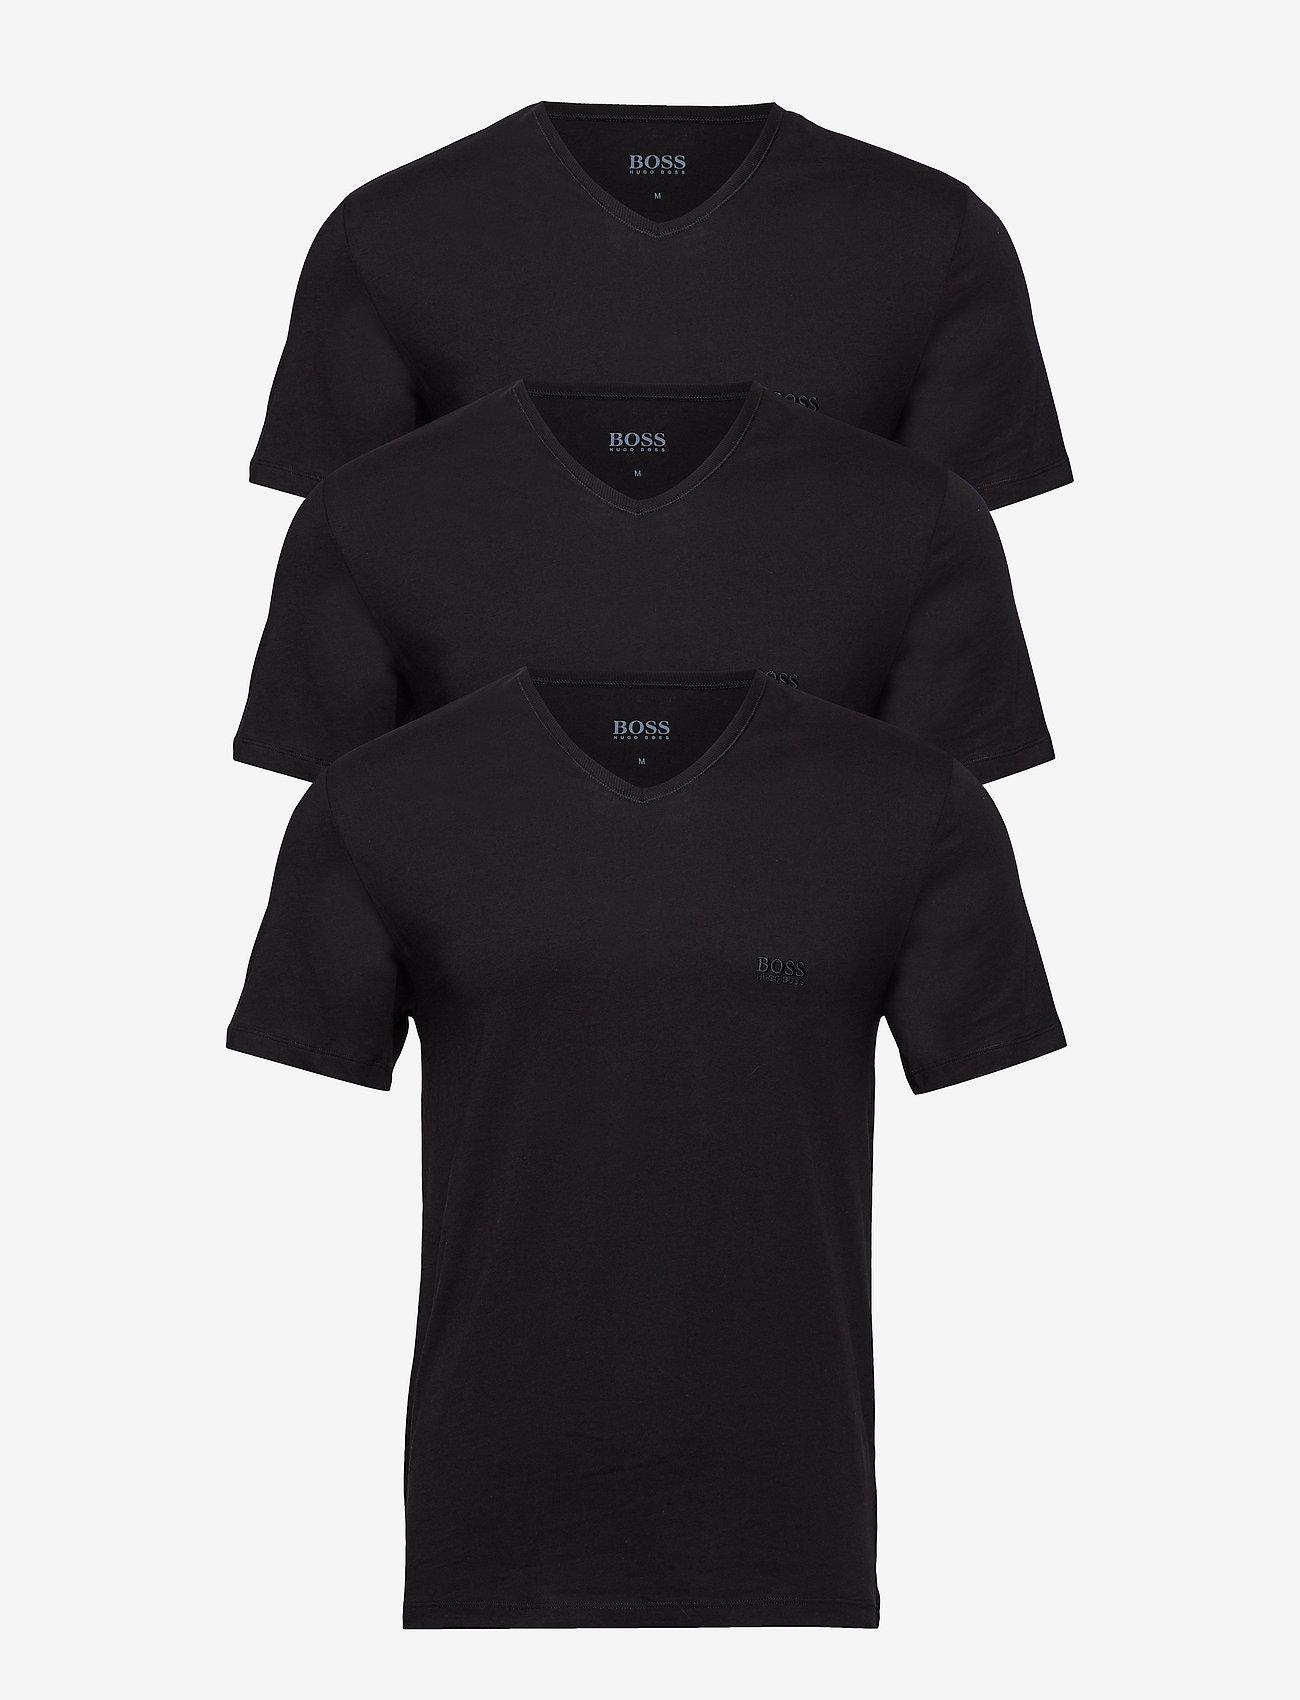 BOSS - T-Shirt VN 3P CO - basic t-shirts - black - 1